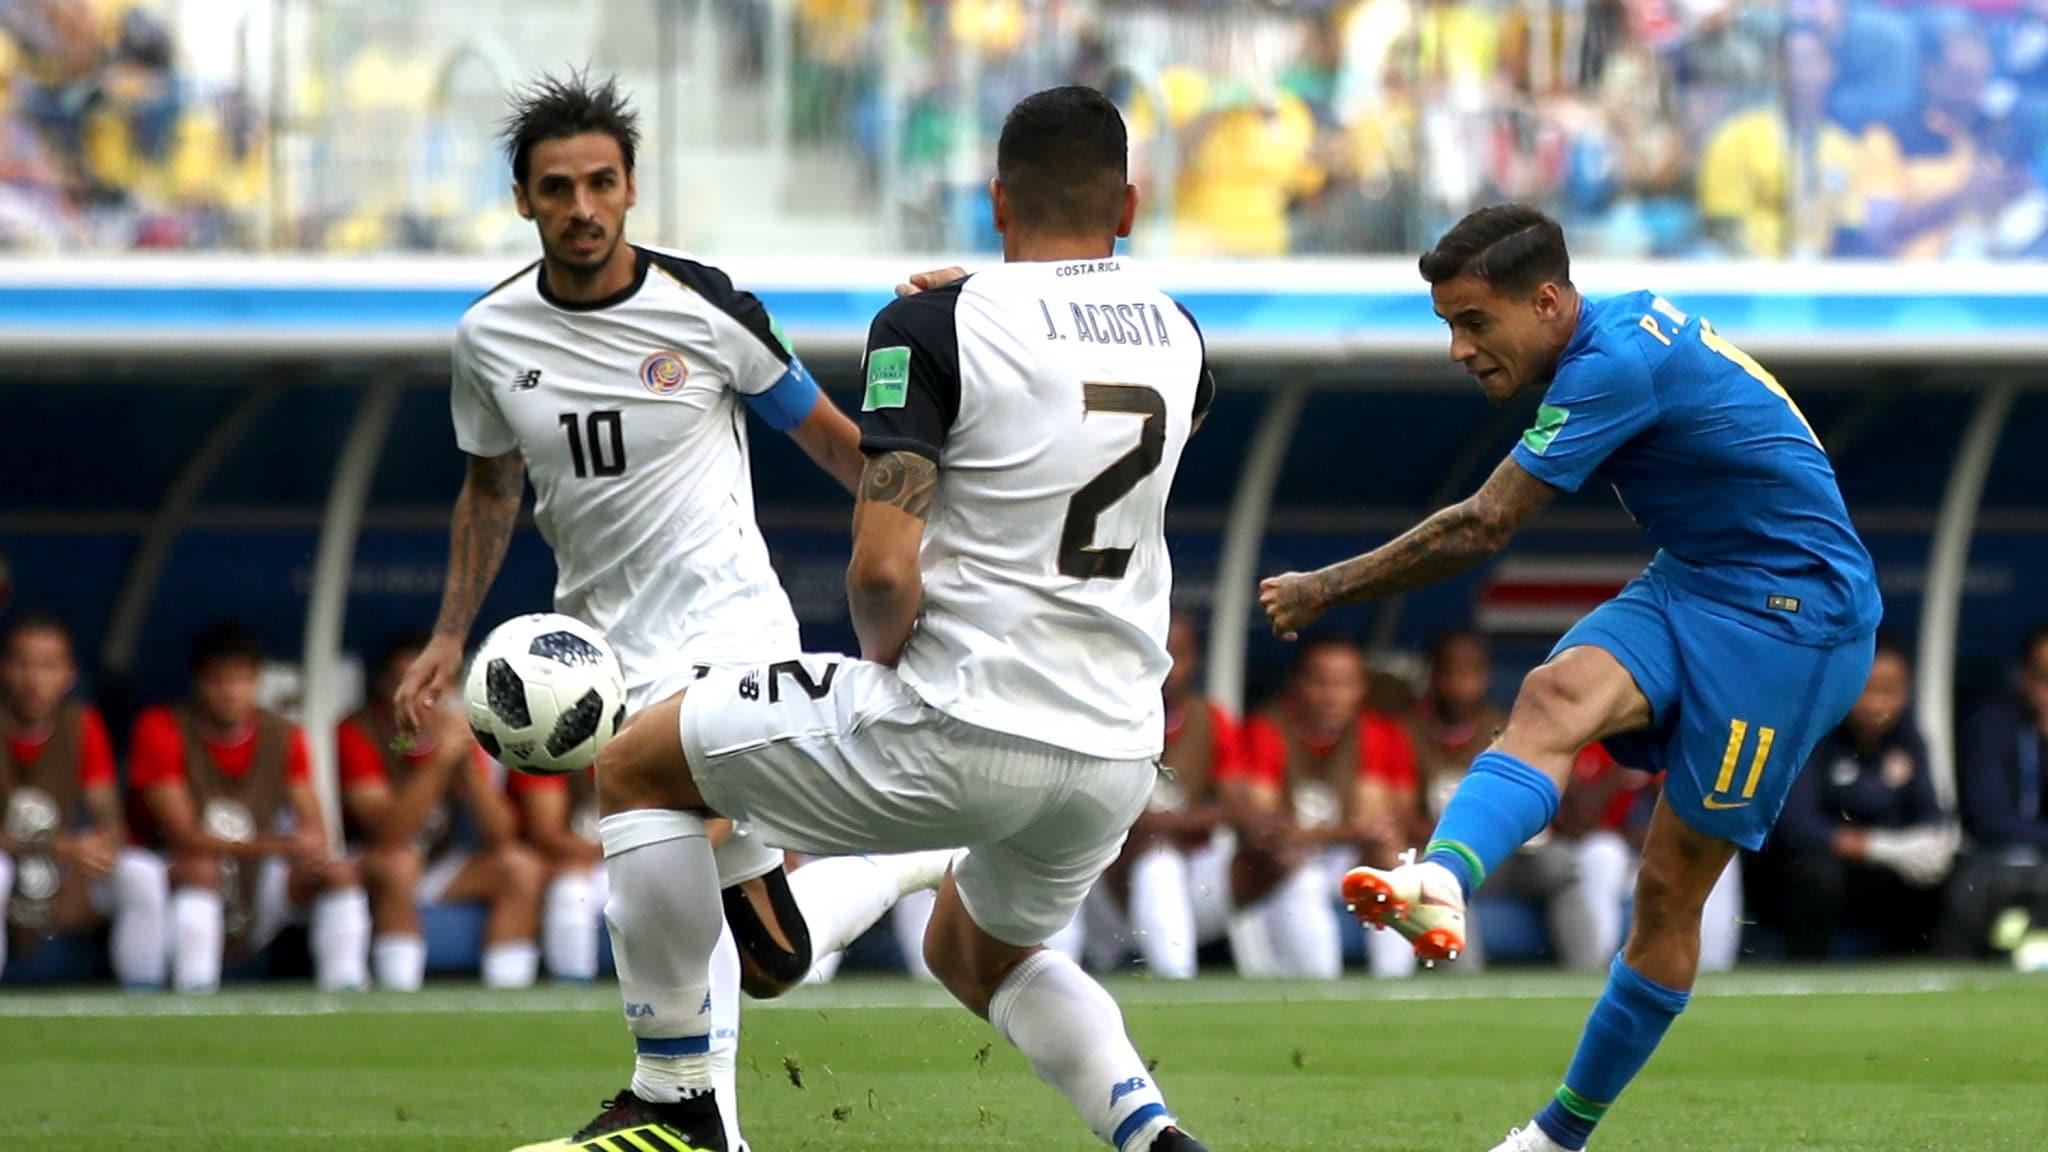 काेस्टारिकाविरुद्ध ब्राजिलको शानदार जीत